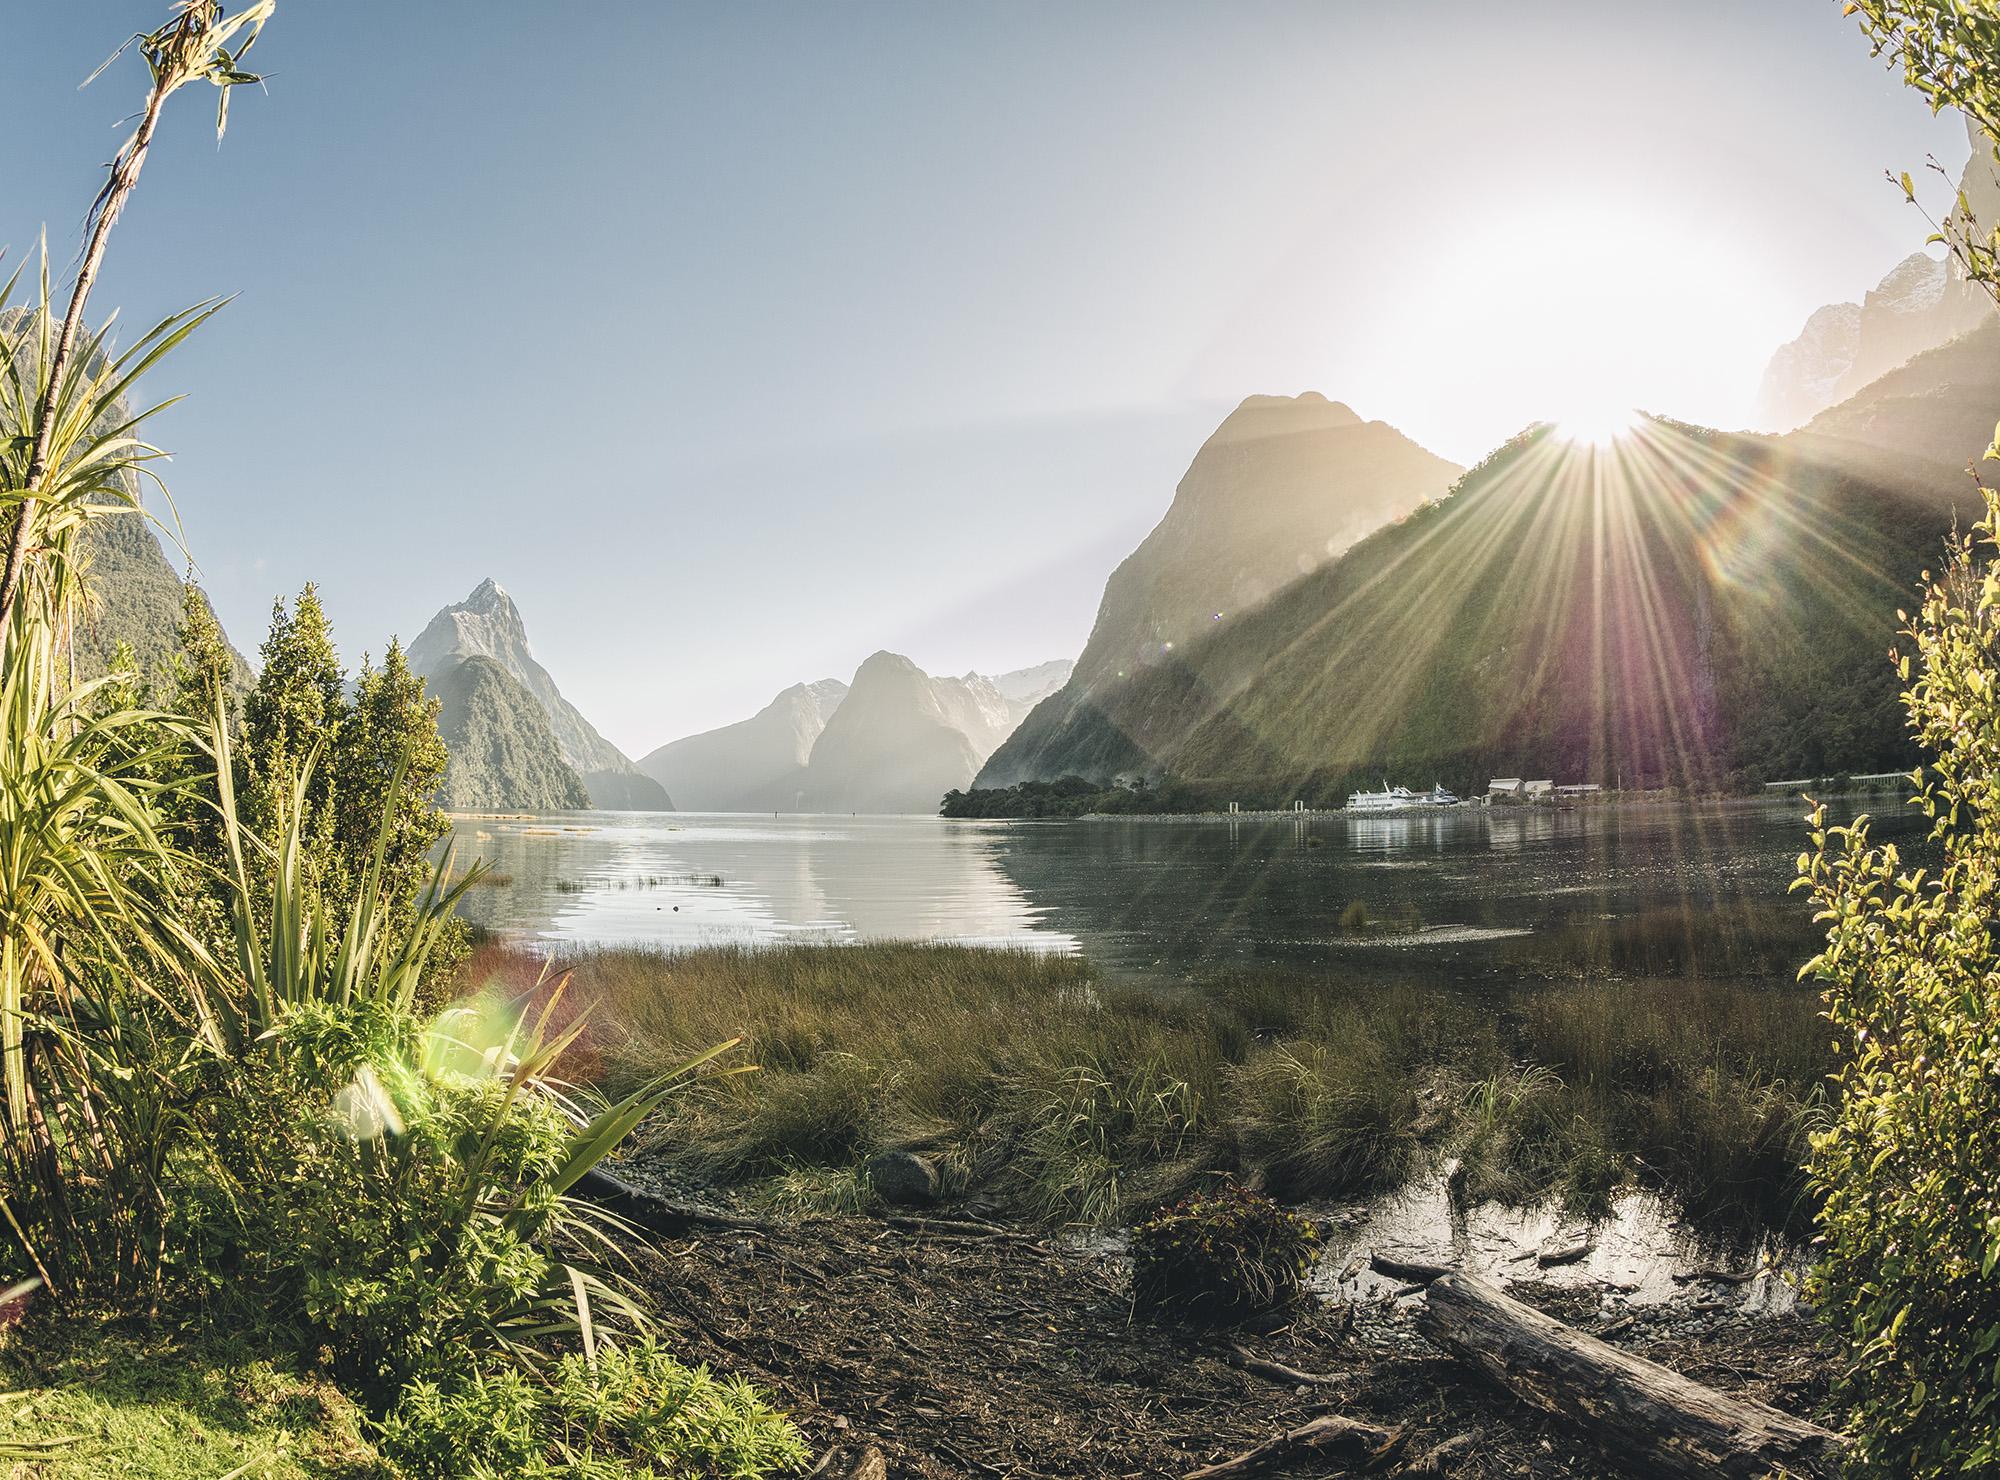 NZ_5190546.jpg